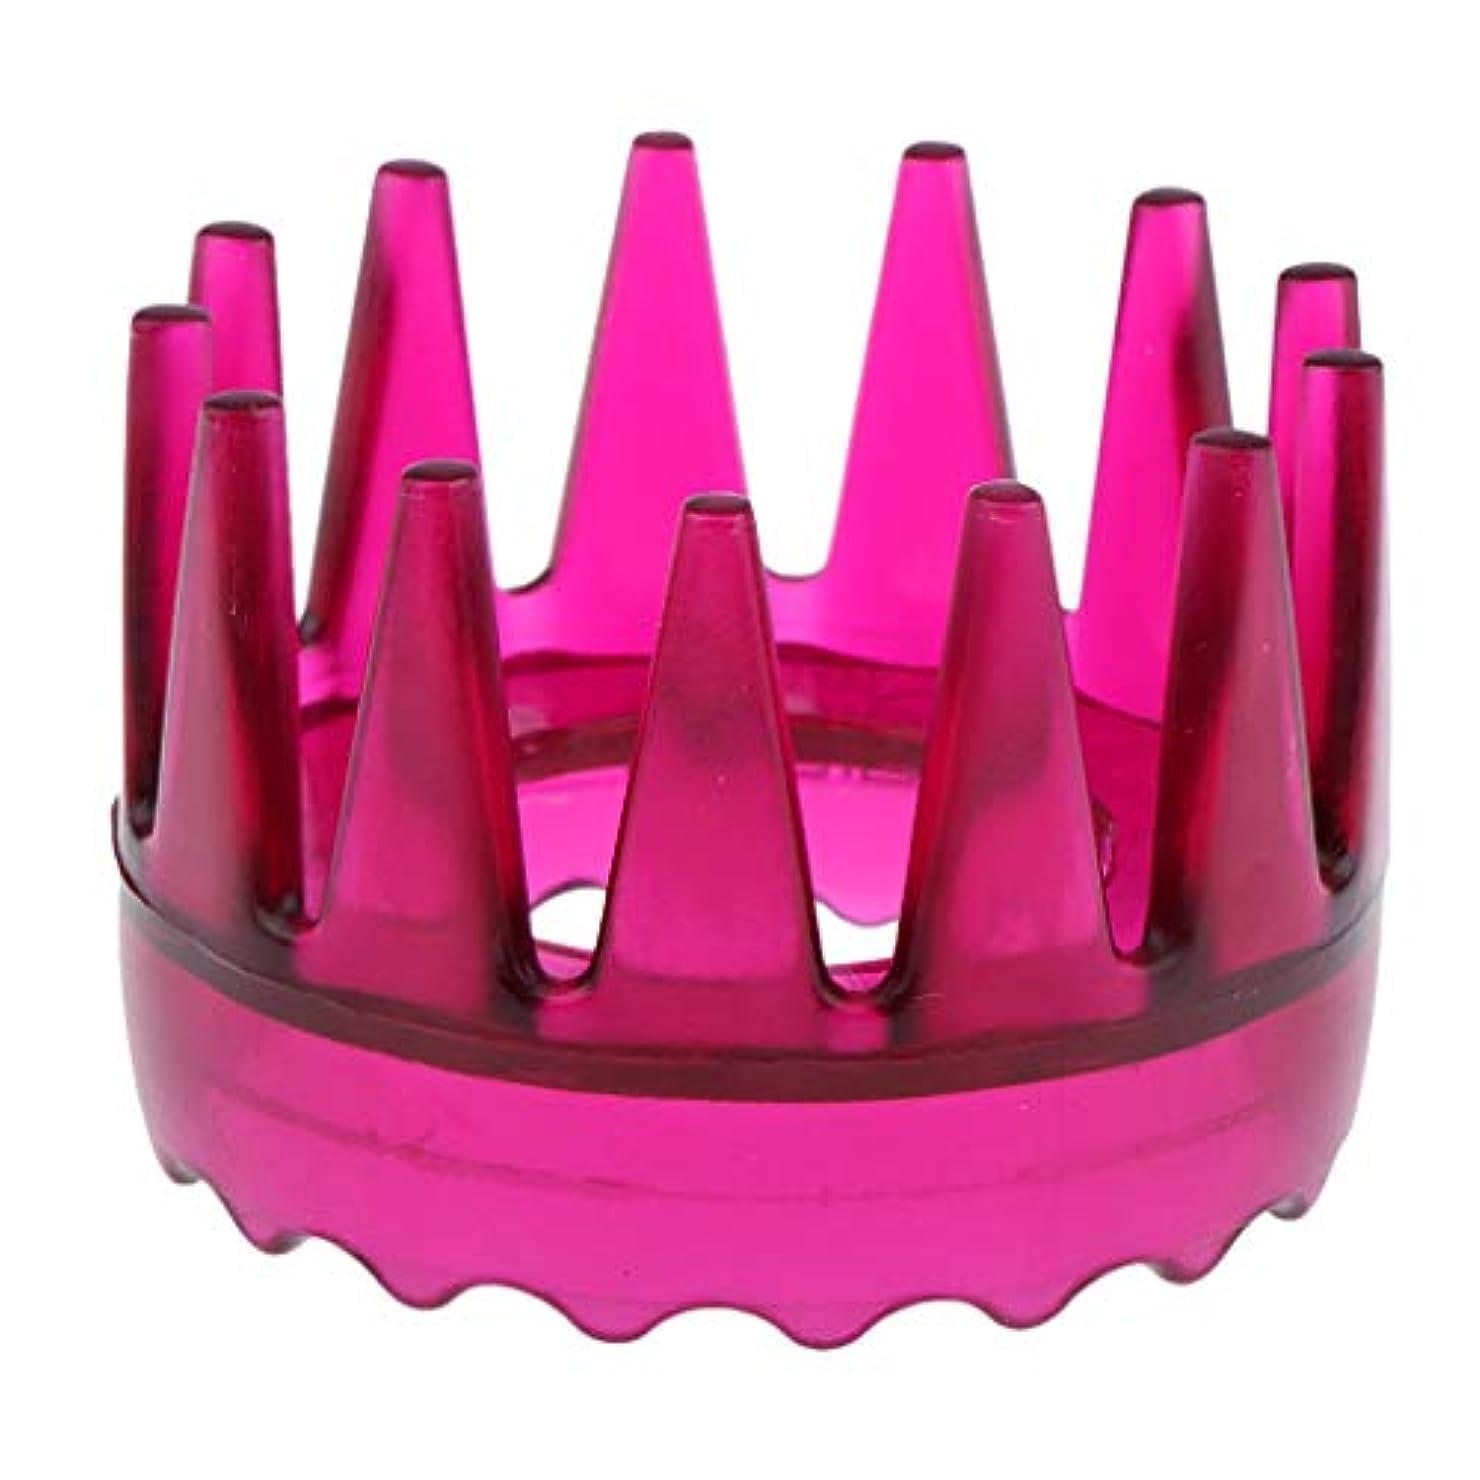 ホステス肌寒いマングルSharplace 頭皮マッサージ 櫛 シャワー シャンプー ヘアブラシ 4色選べ - ローズレッド